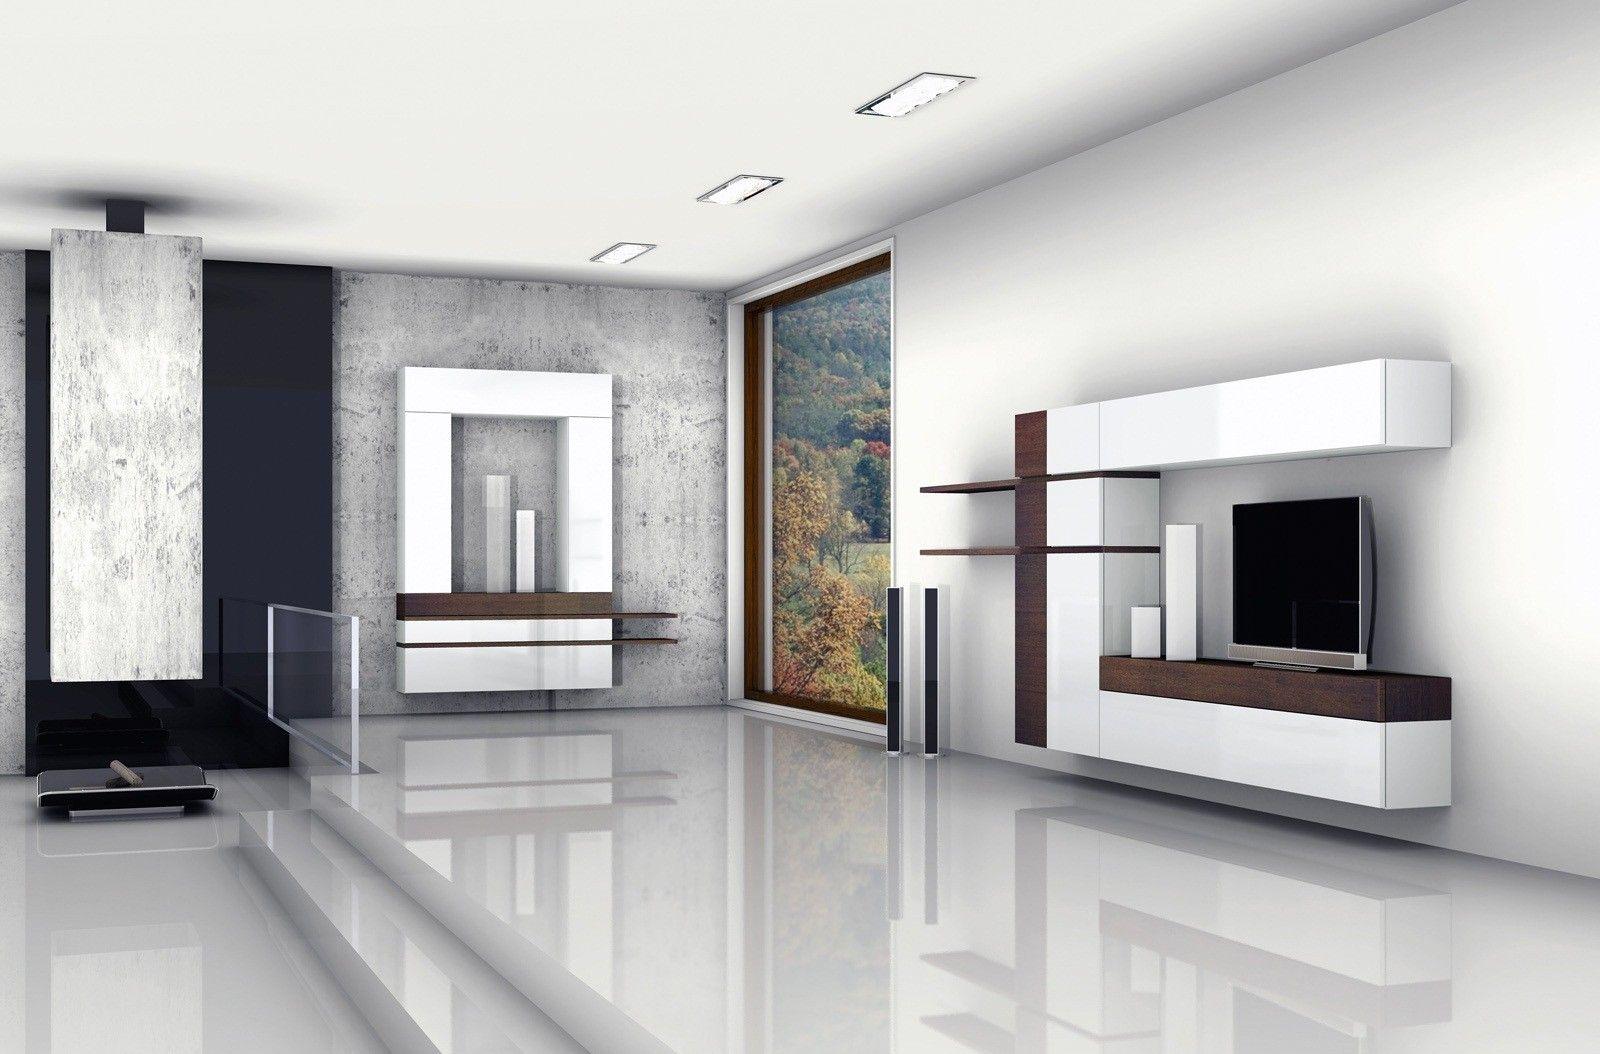 lo siniestro en el minimalismo minimalismo concepto de